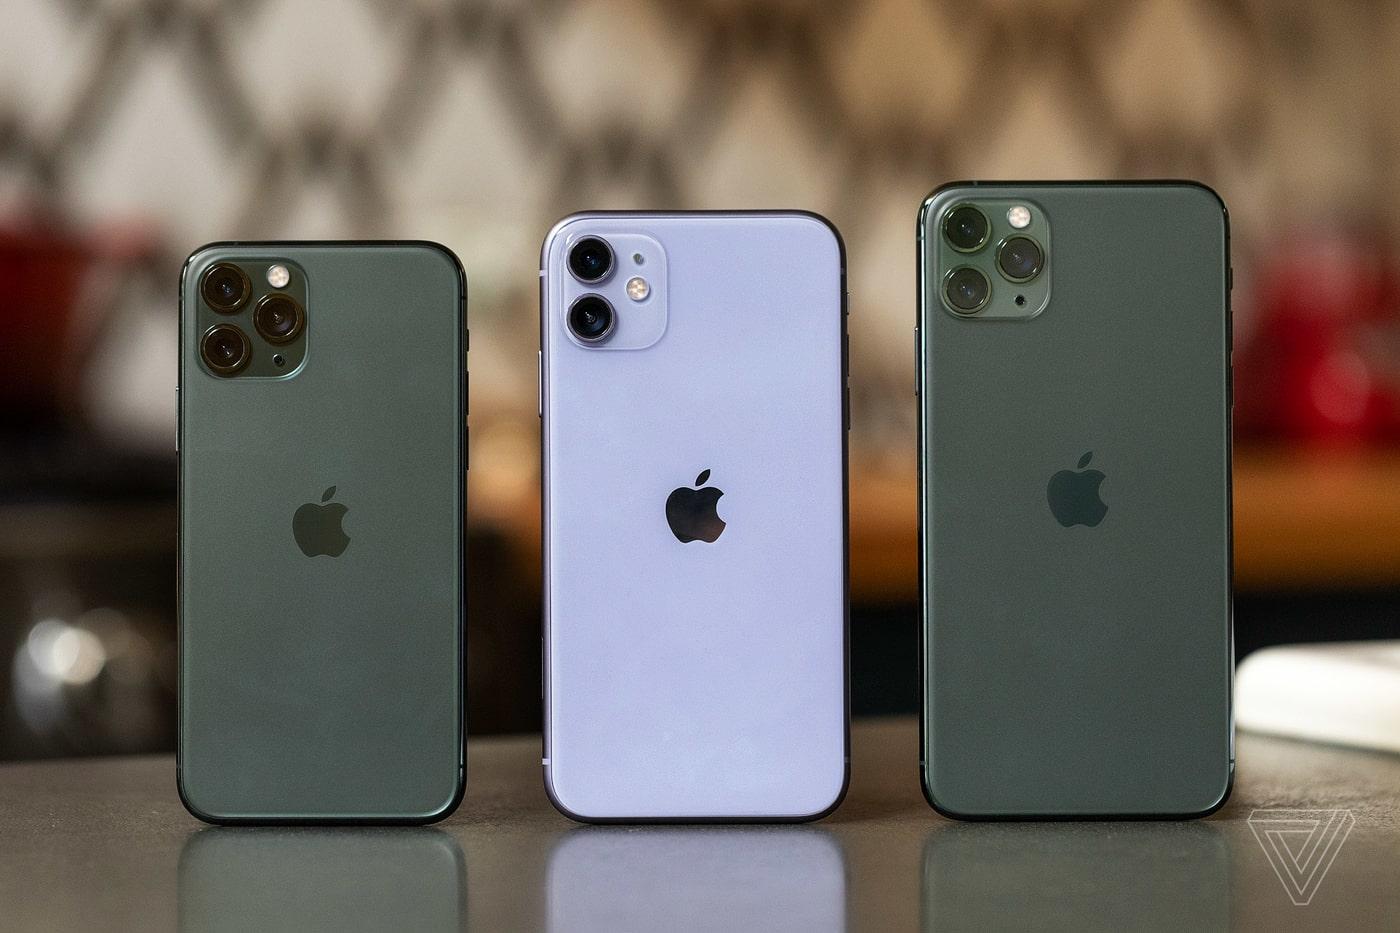 Bằng sáng chế cho thấy Apple định dùng logo Quả Táo ở mặt sau iPhone làm đèn báo có thông báo mới